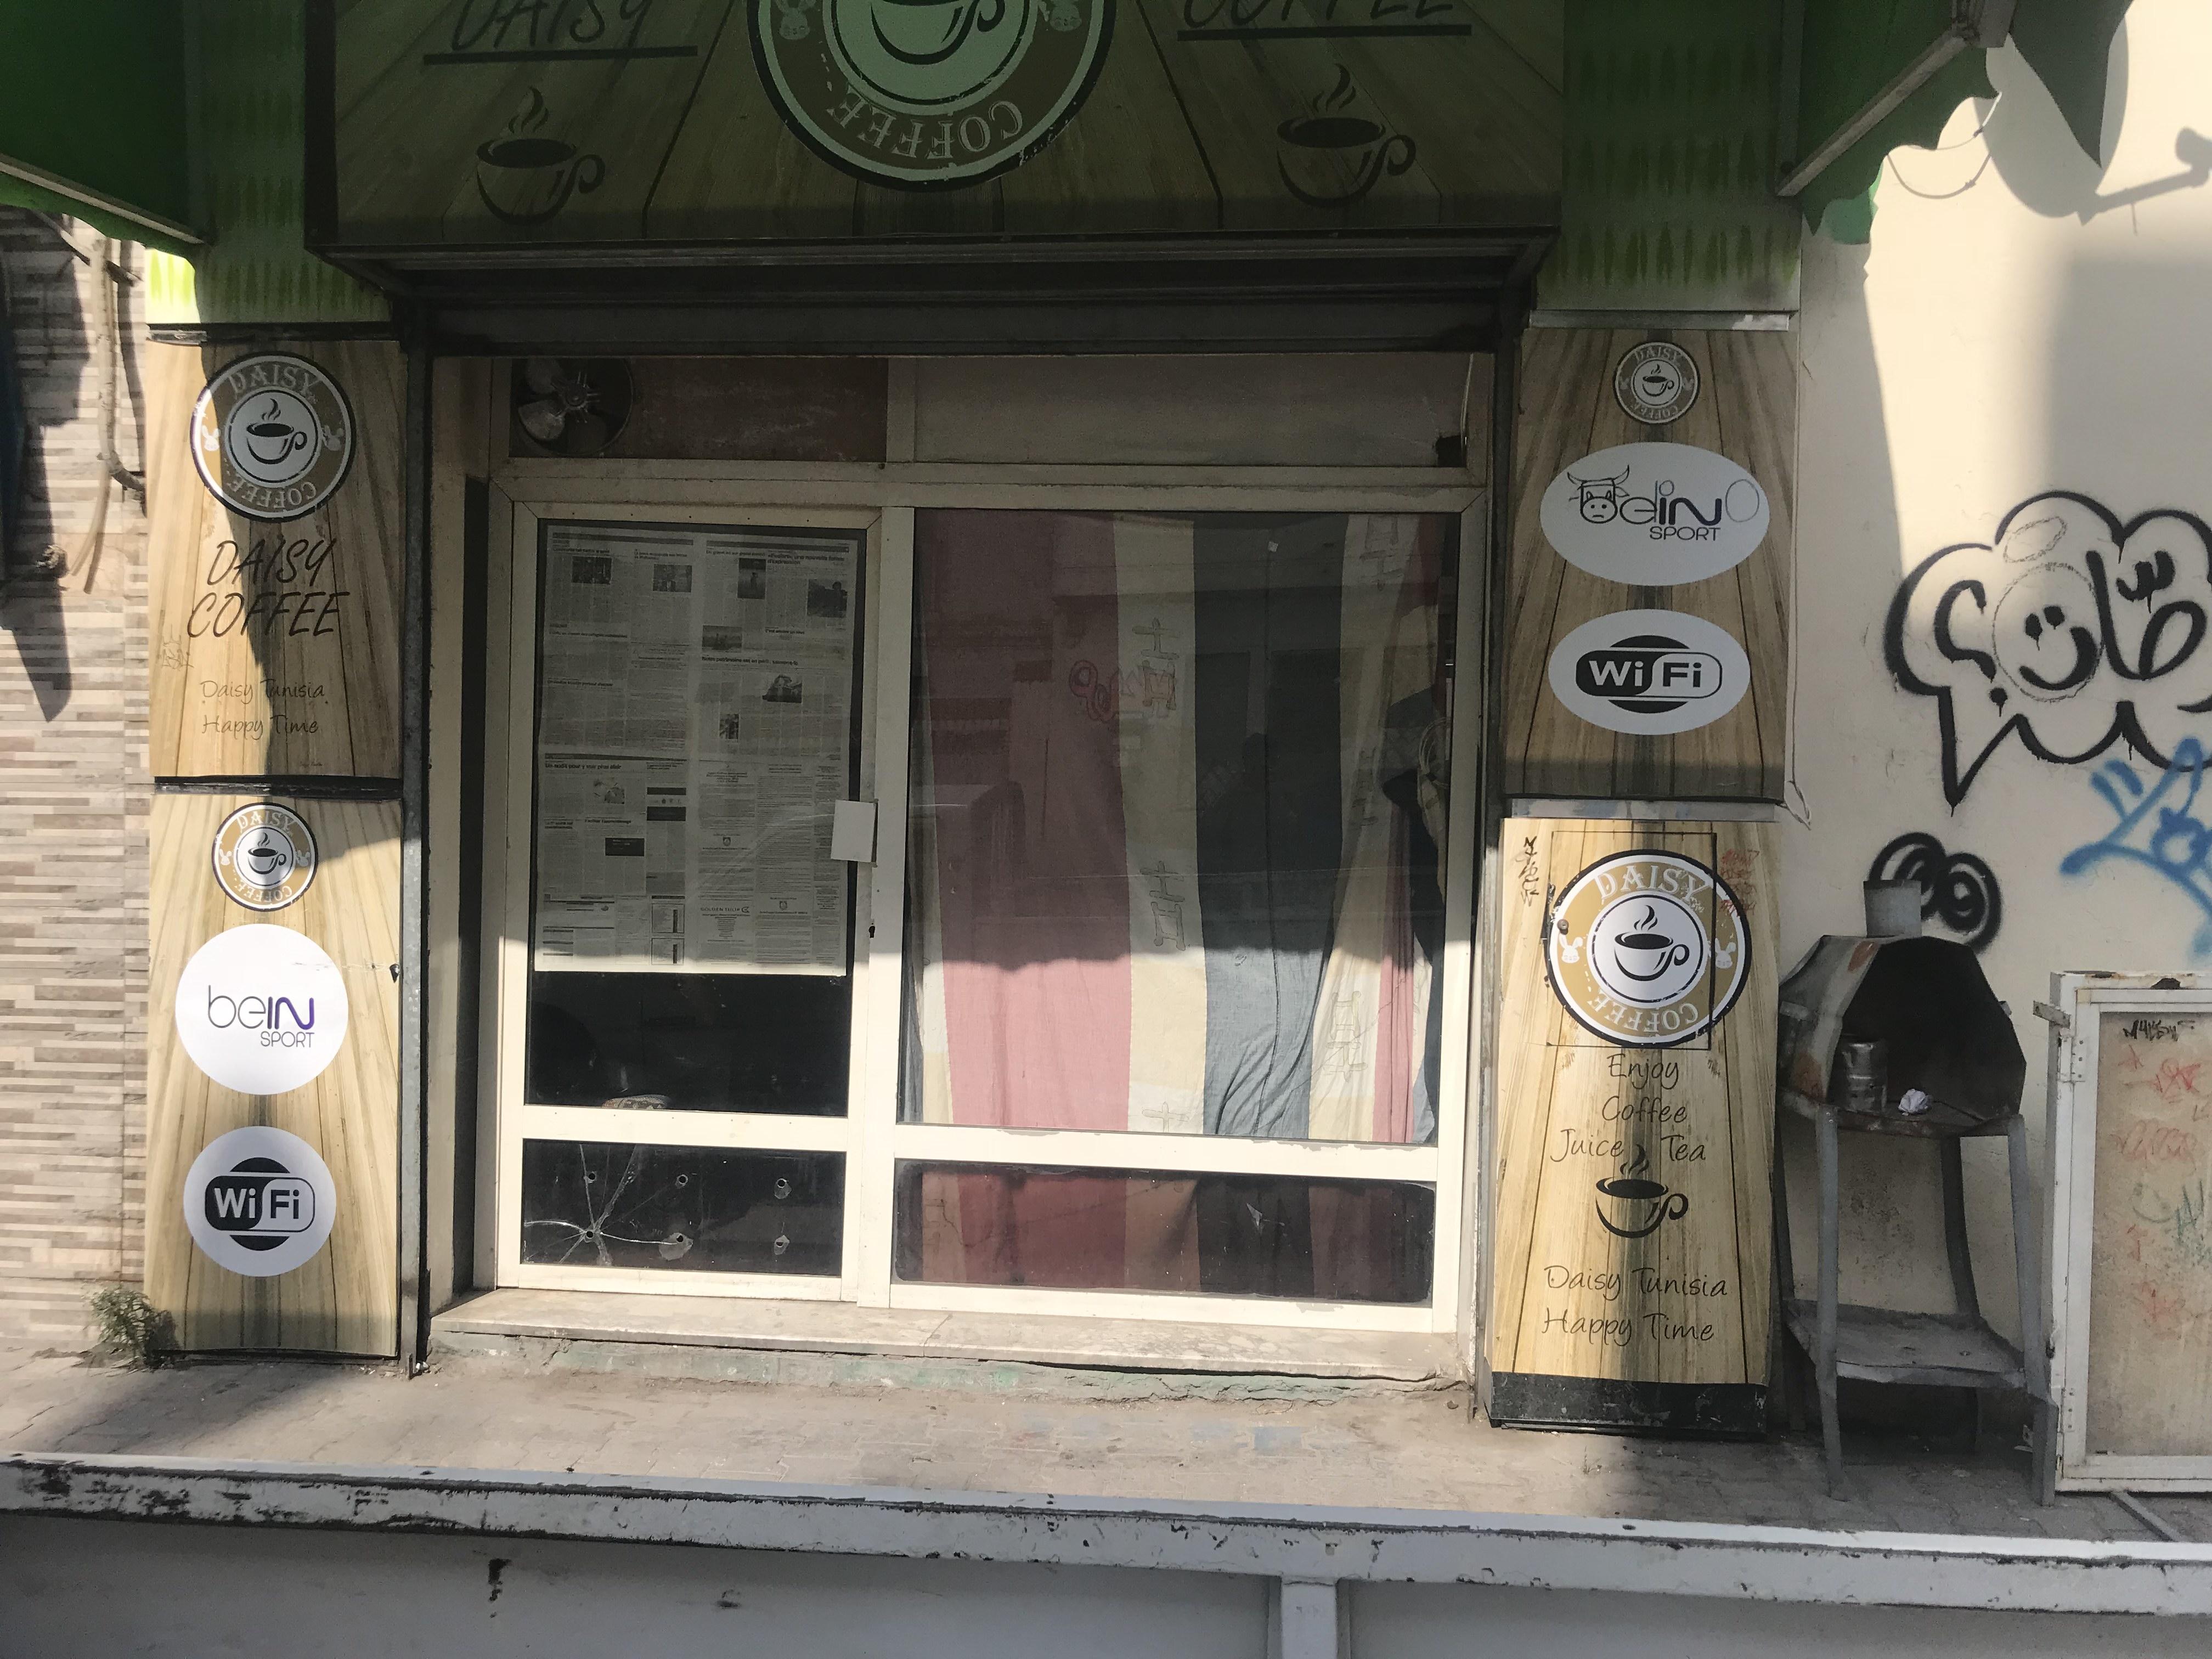 واجهة مقهى مغلّفة حتى لا يظهر ما يجري في الداخل